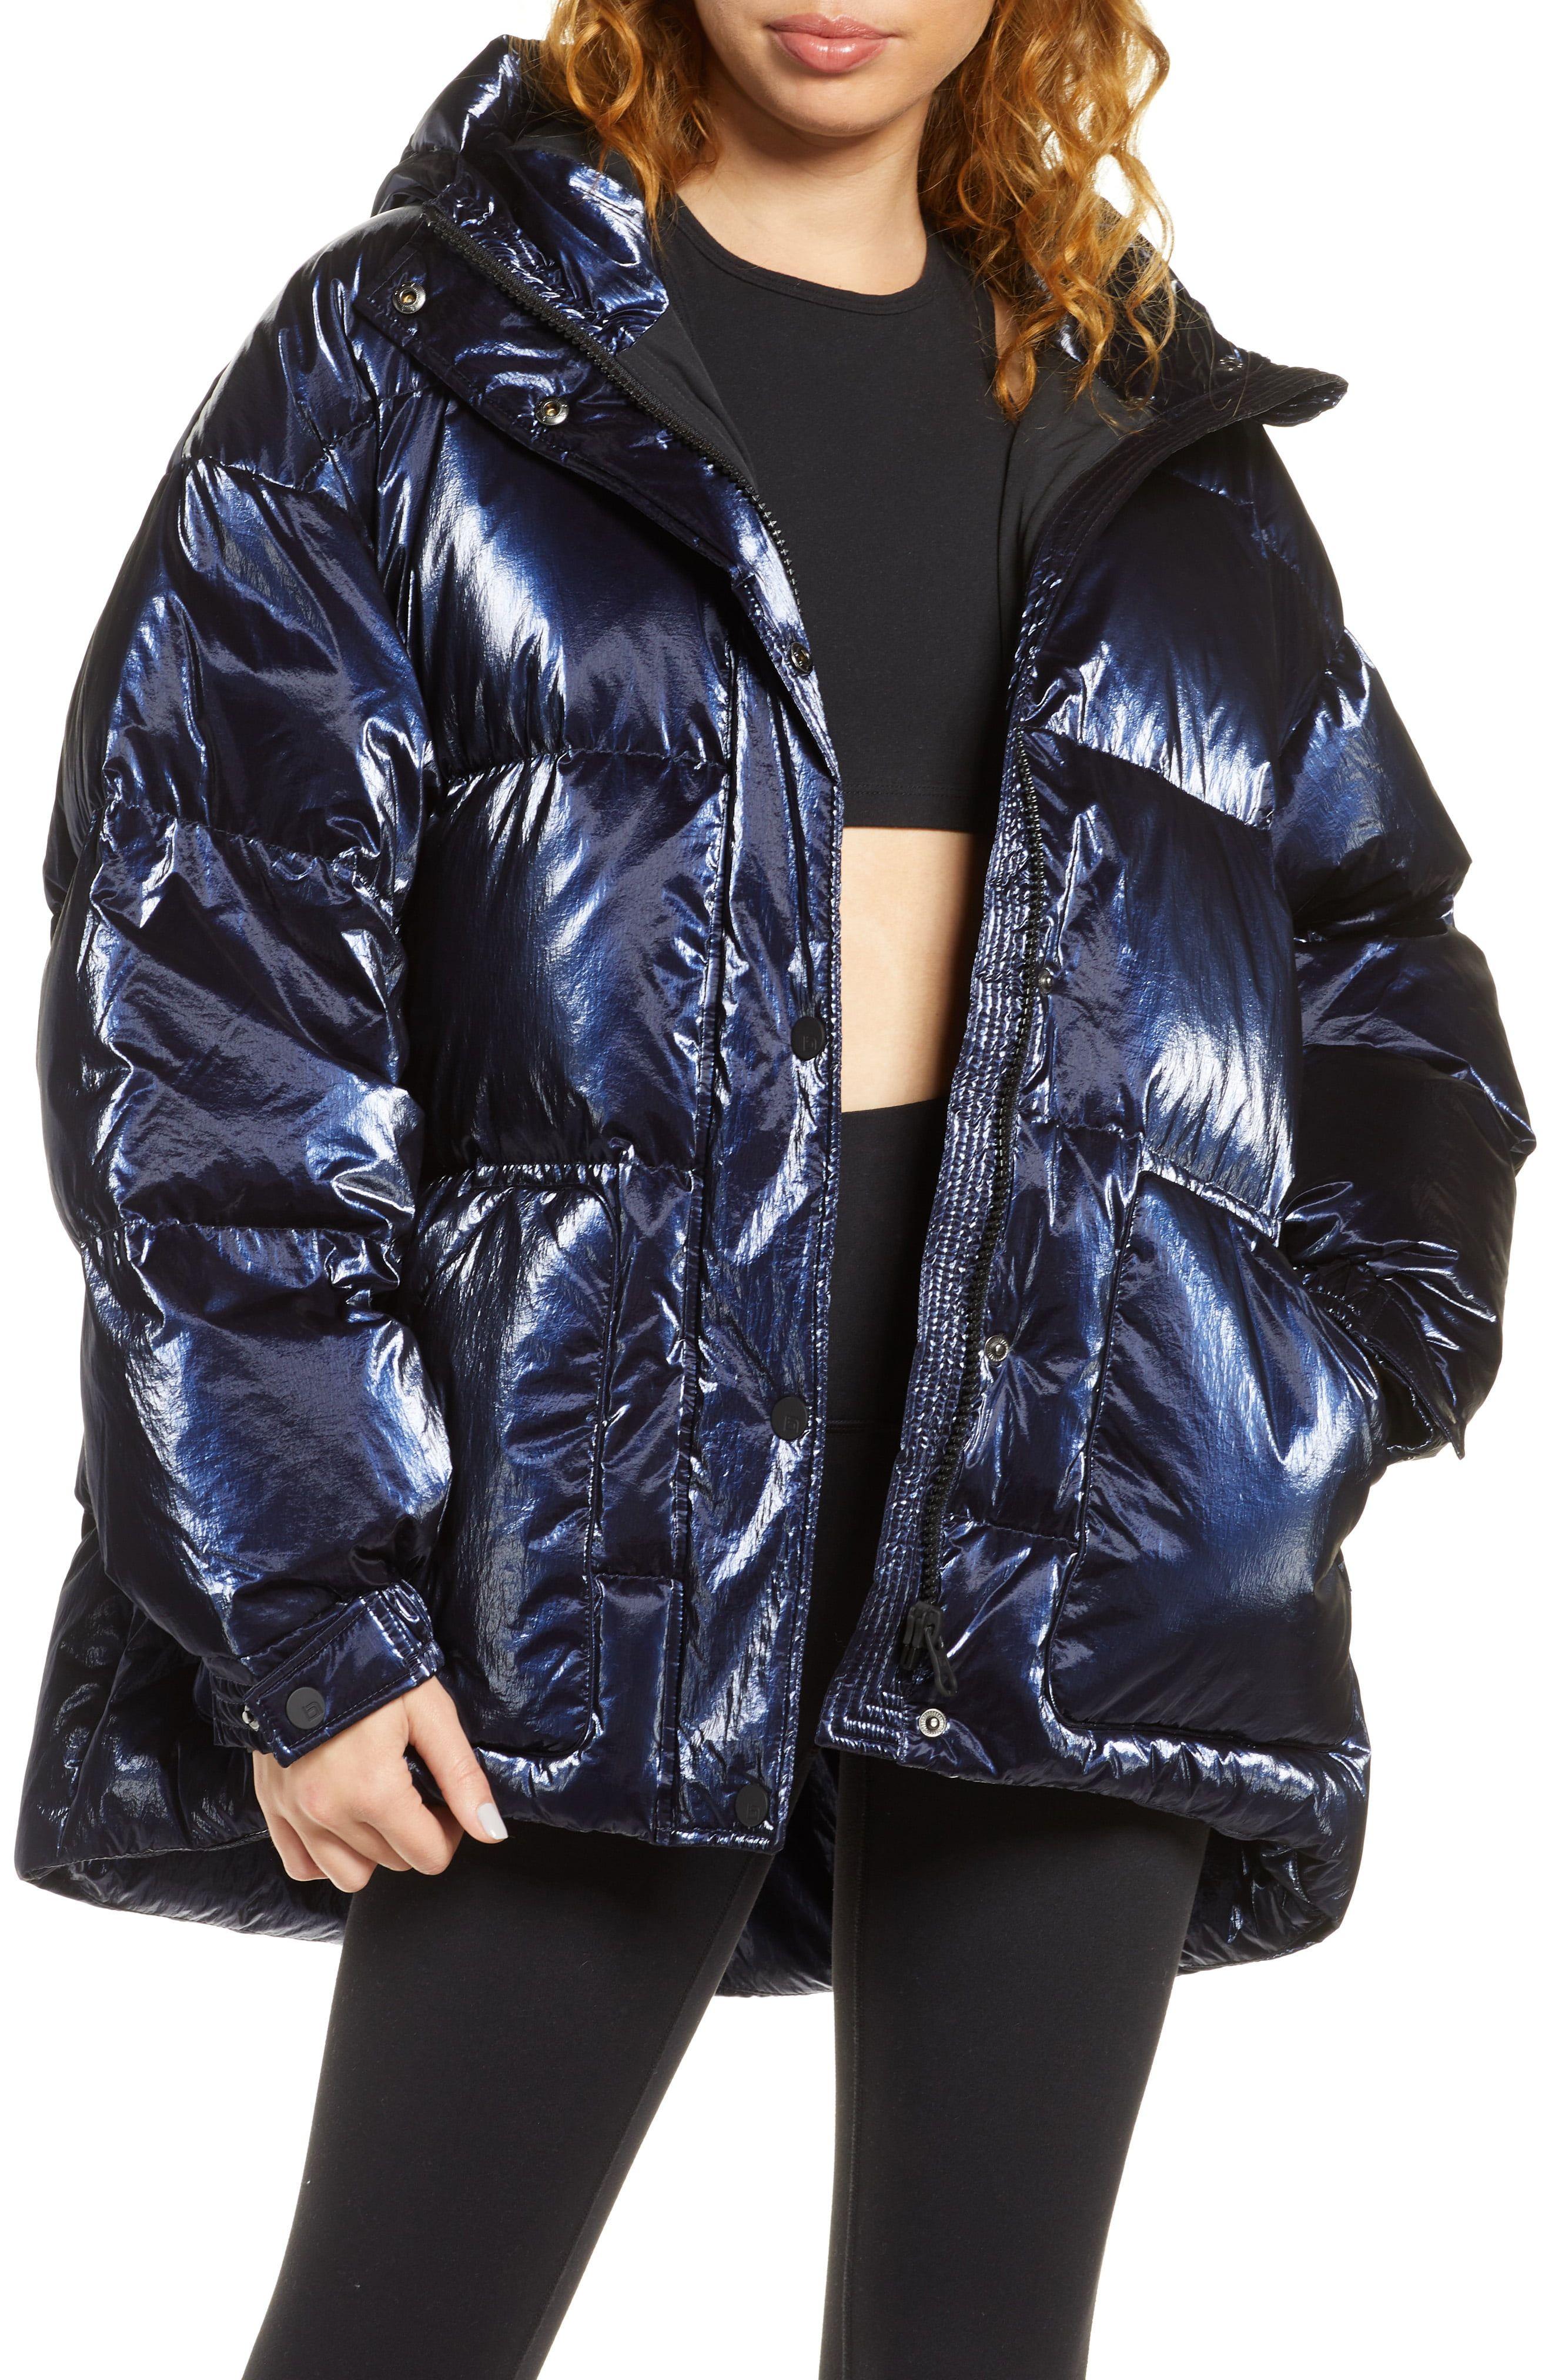 Blanc Noir Cortina Down Puffer Jacket Nordstrom Jackets Puffer Jackets Cute Winter Coats [ 4048 x 2640 Pixel ]